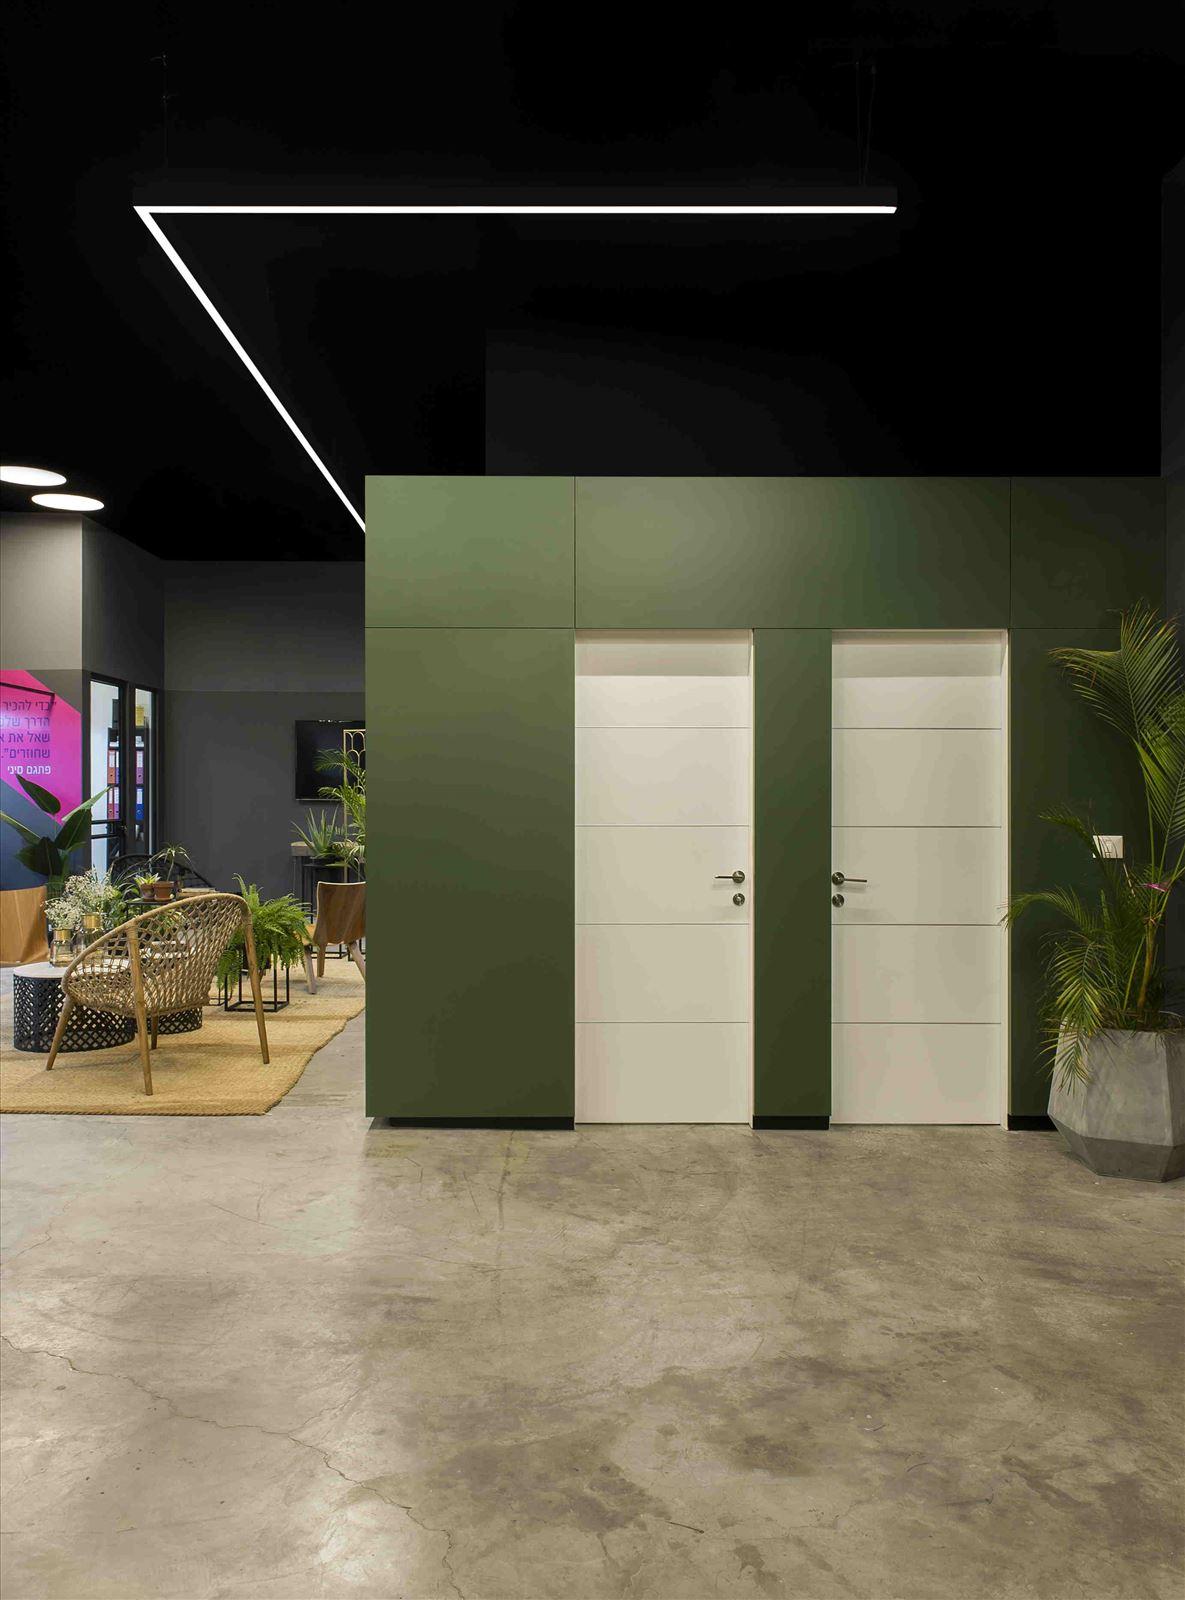 Ewave Offices תאורה בחלל המשרדים נעשתה על ידי קמחי תאורה